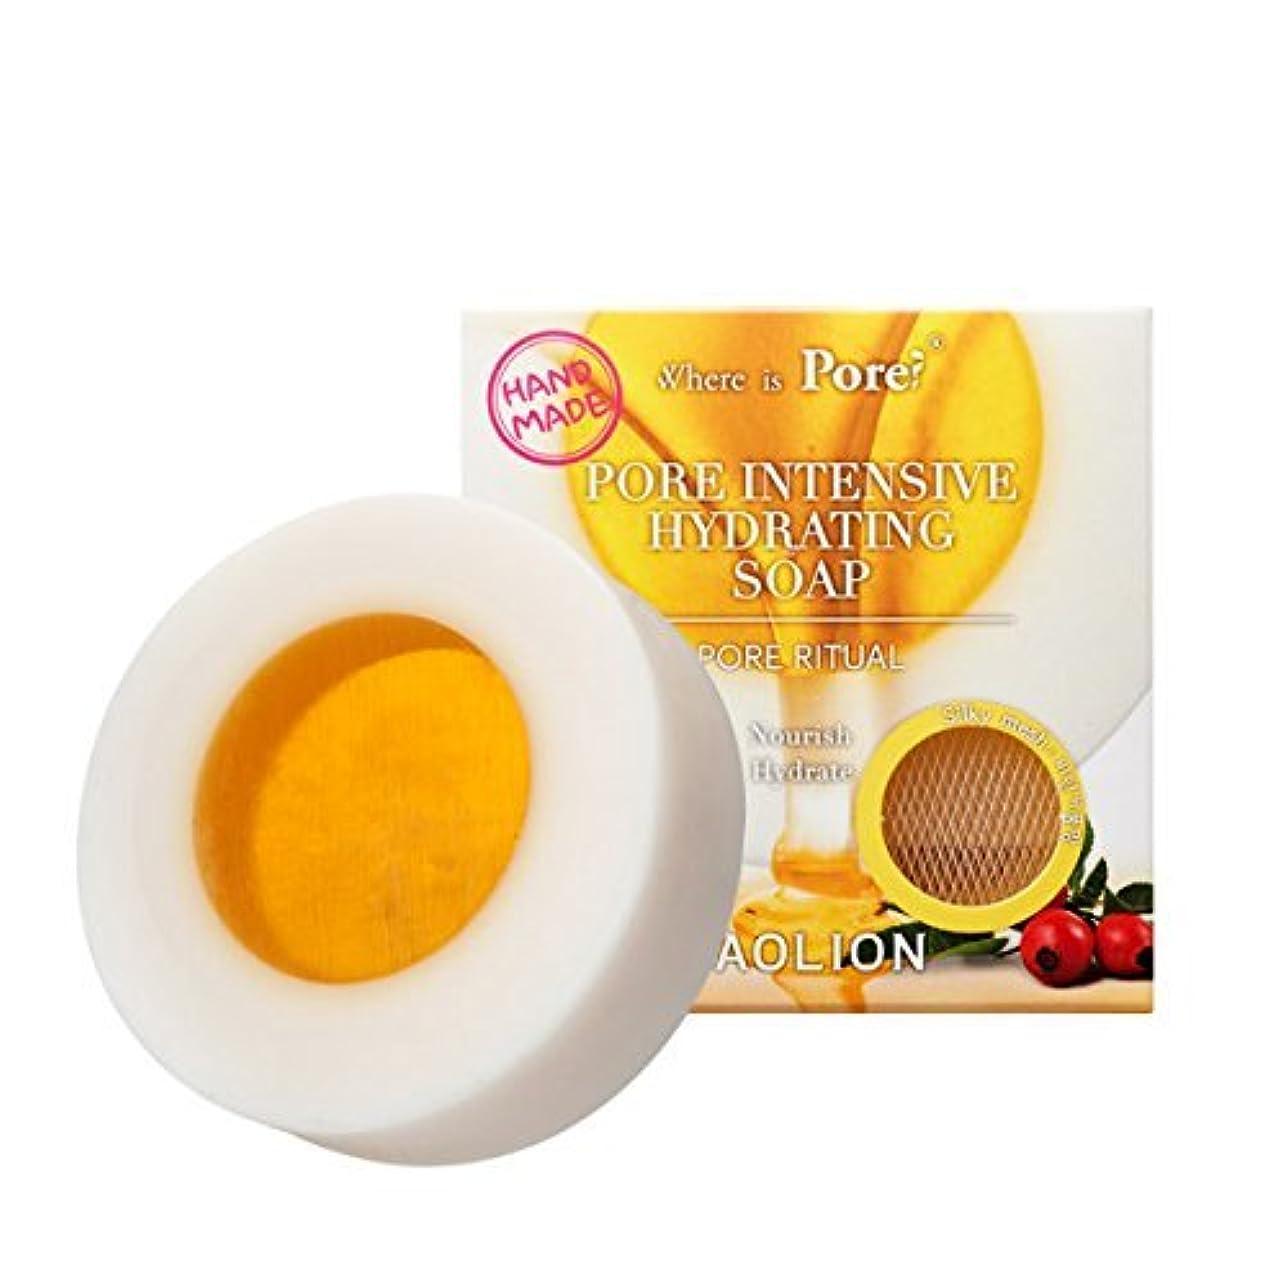 強大な正直八CAOLION Pore Intensive Hydrating Soap やさしいソープモイスチャーソープ [海外直送品] [並行輸入品]